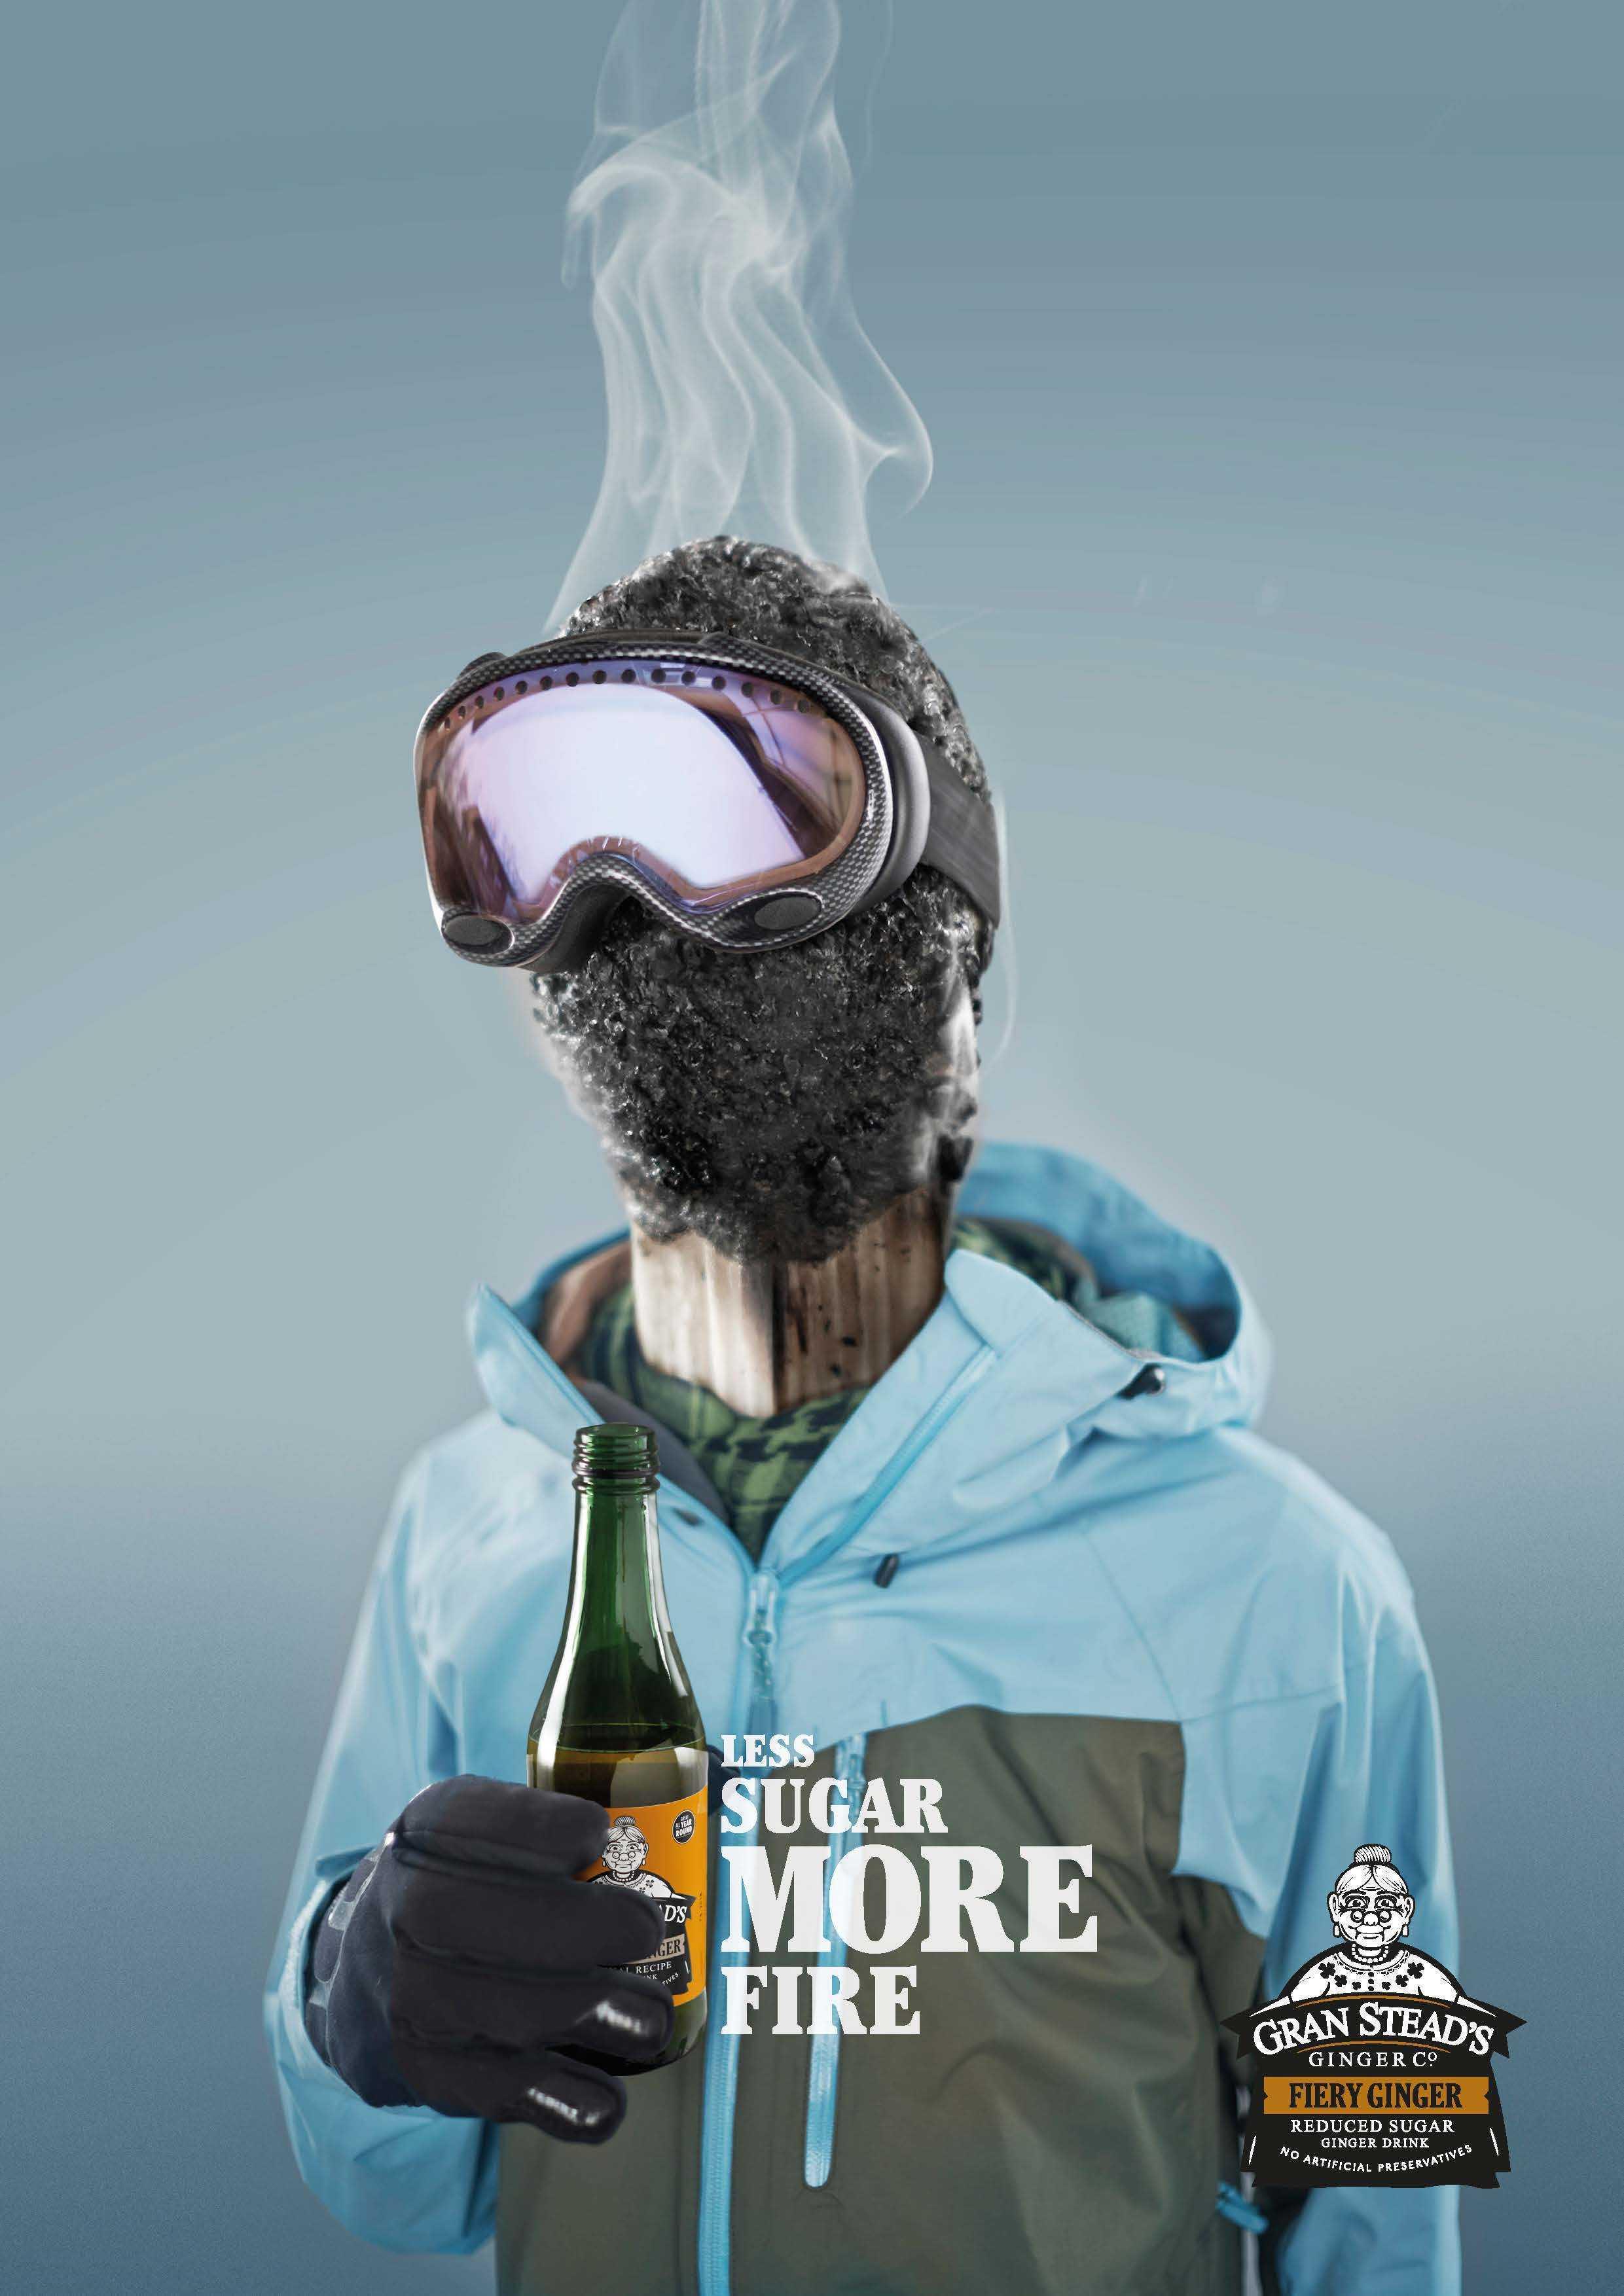 Adidas_Toyota_Volkswagen_i_migliori_annunci_stampa_della_settimana8